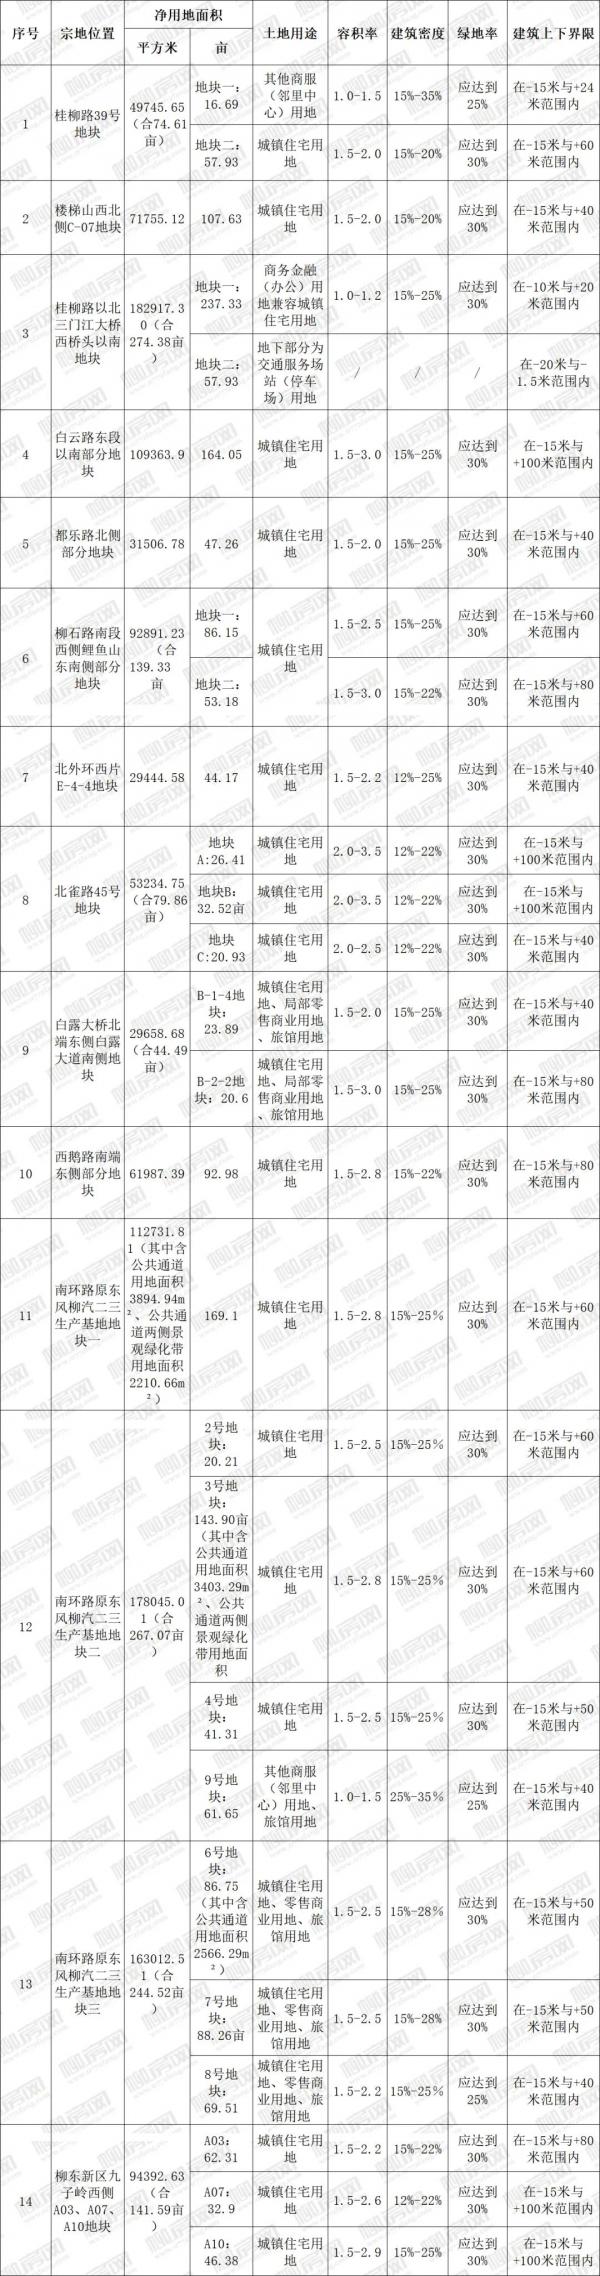 柳州推介14宗1891亩地31家房企围观 装配式建筑全面铺开?